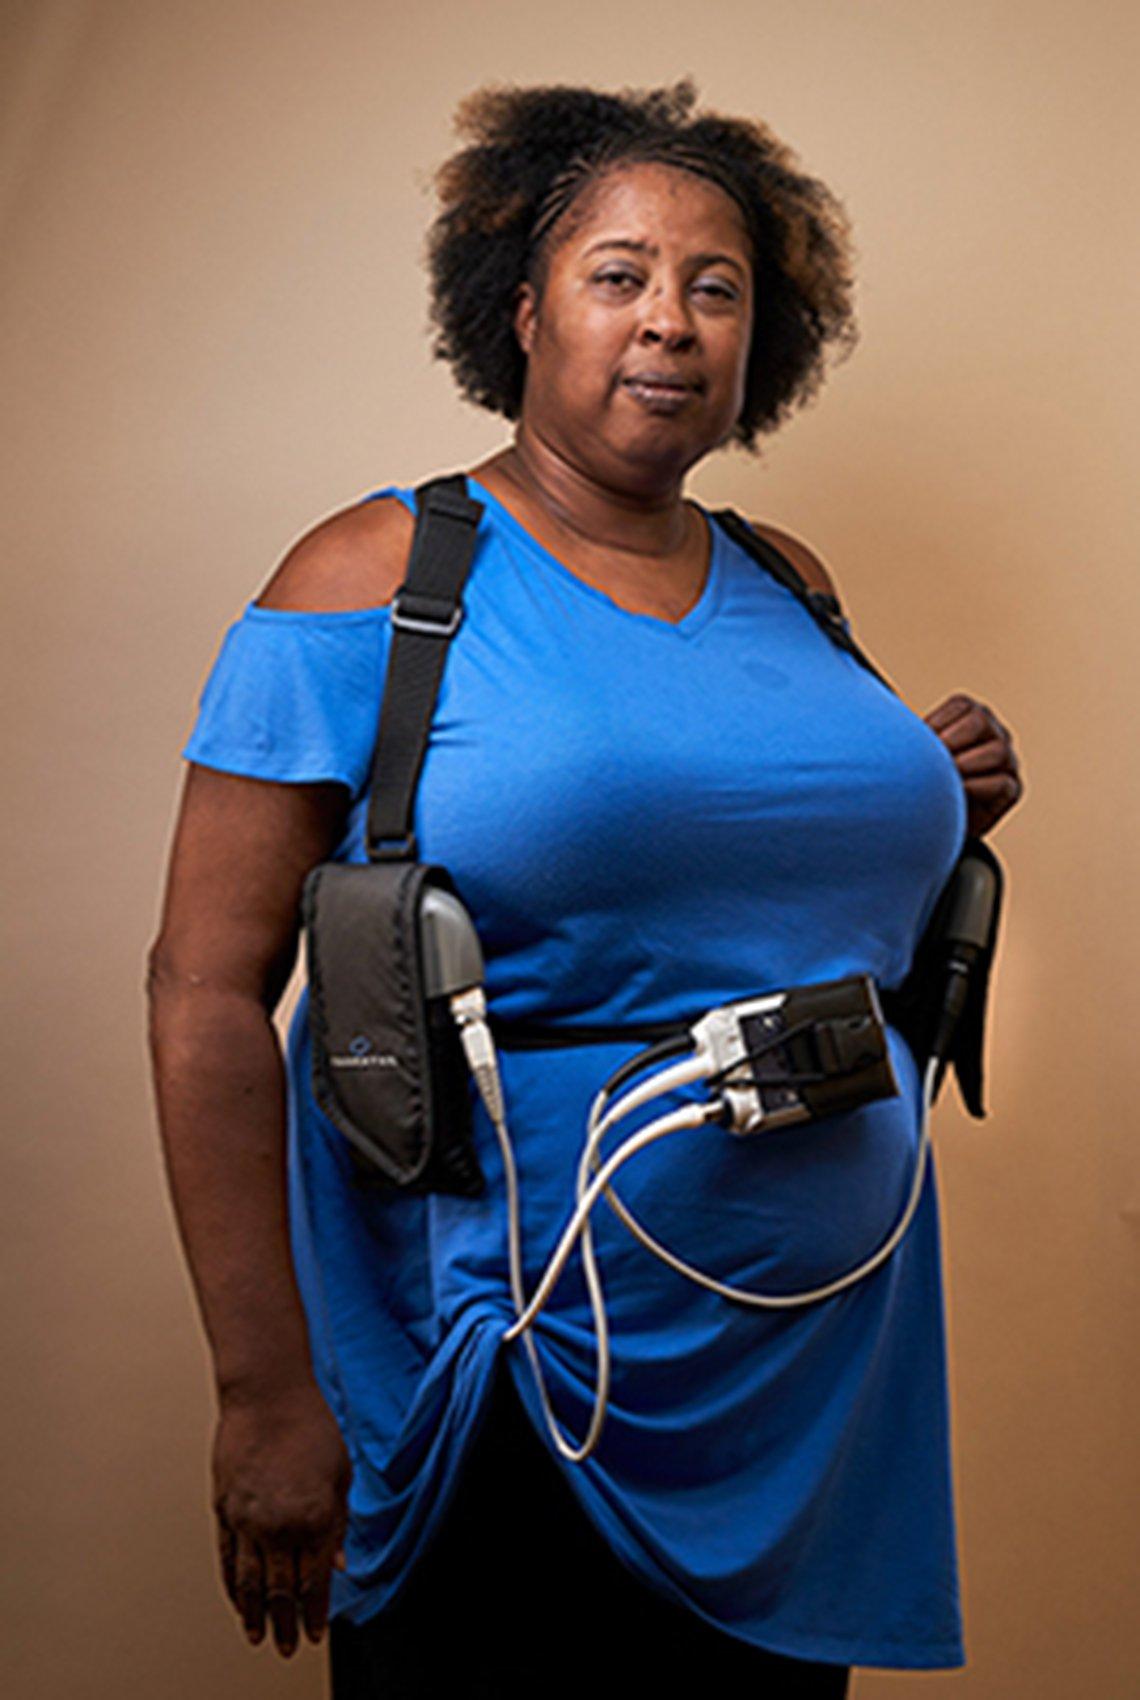 Brenda Smith y su bomba cardíaca